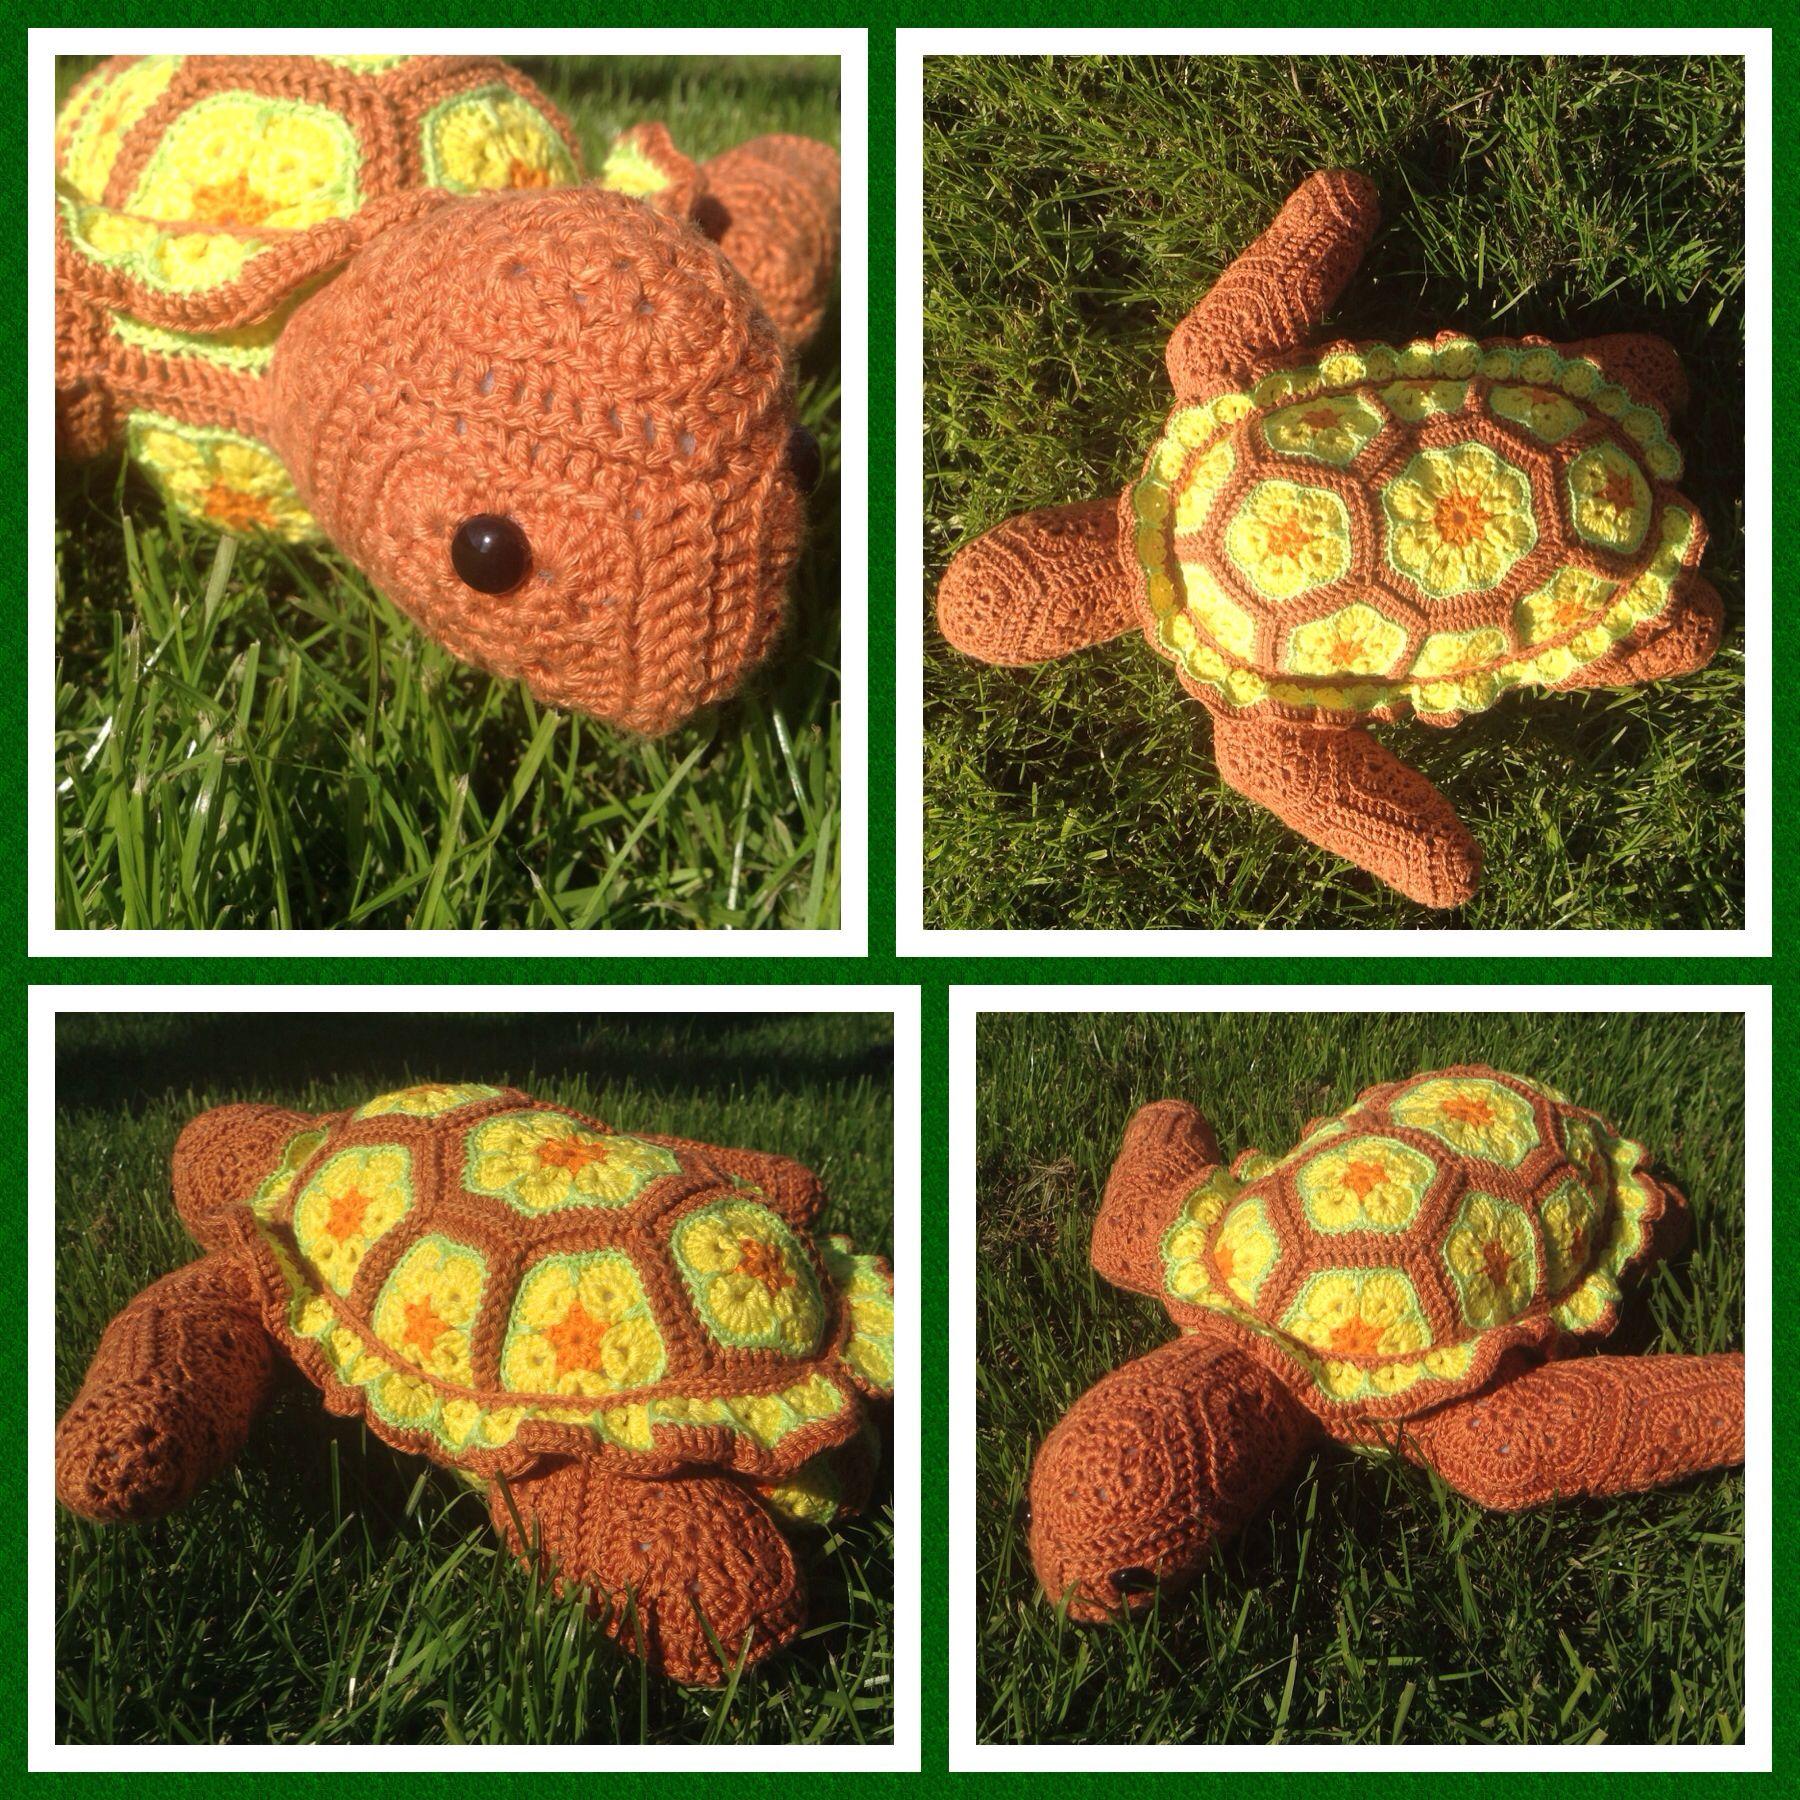 Atuin the African Flower Turtle | Zelf gehaakte projecten, hand-made ...